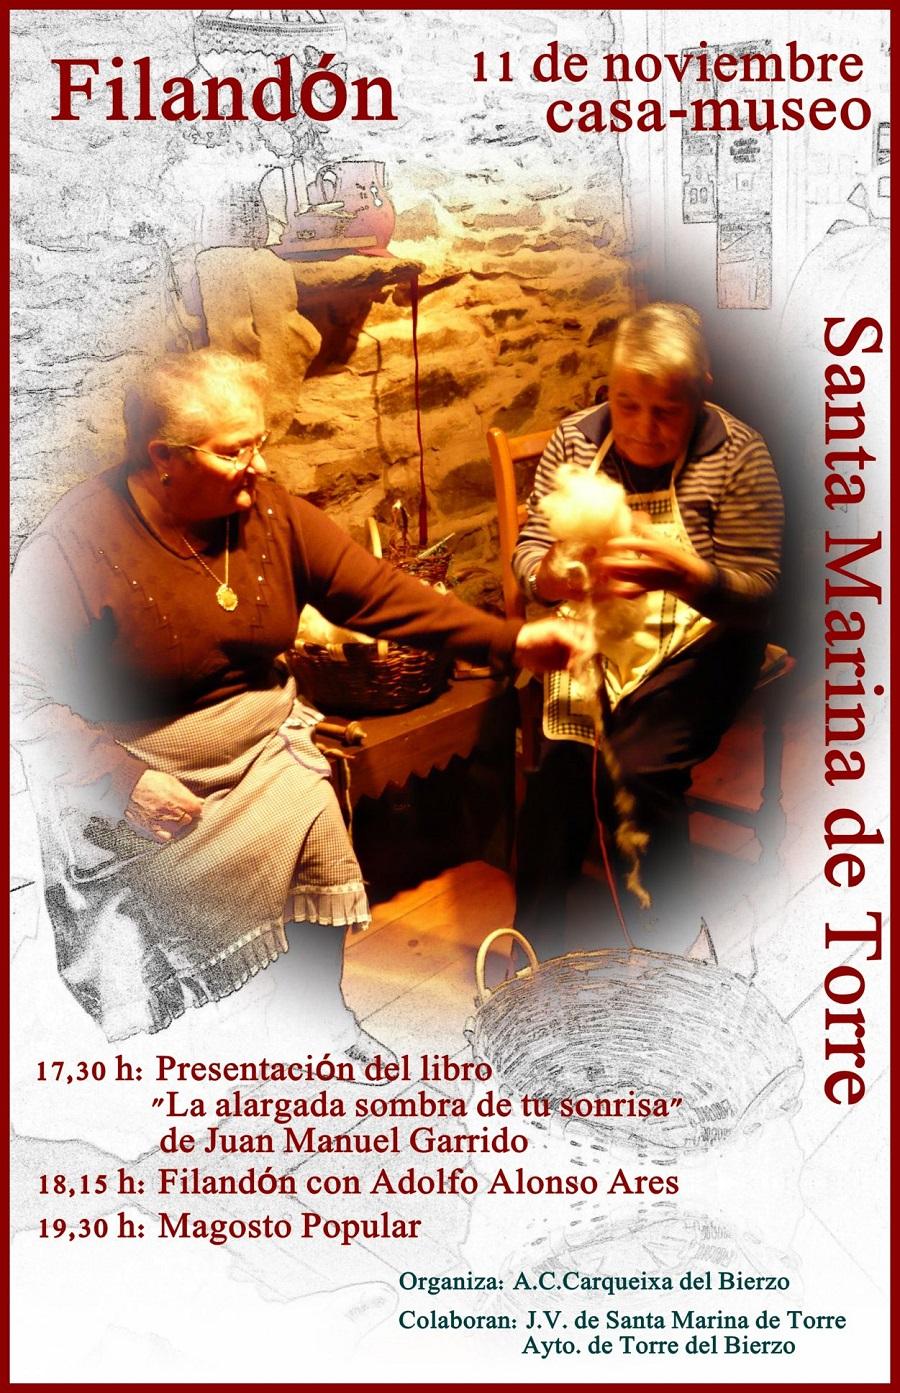 Santa Marina de Torre filandon, presentacion literaria y magosto